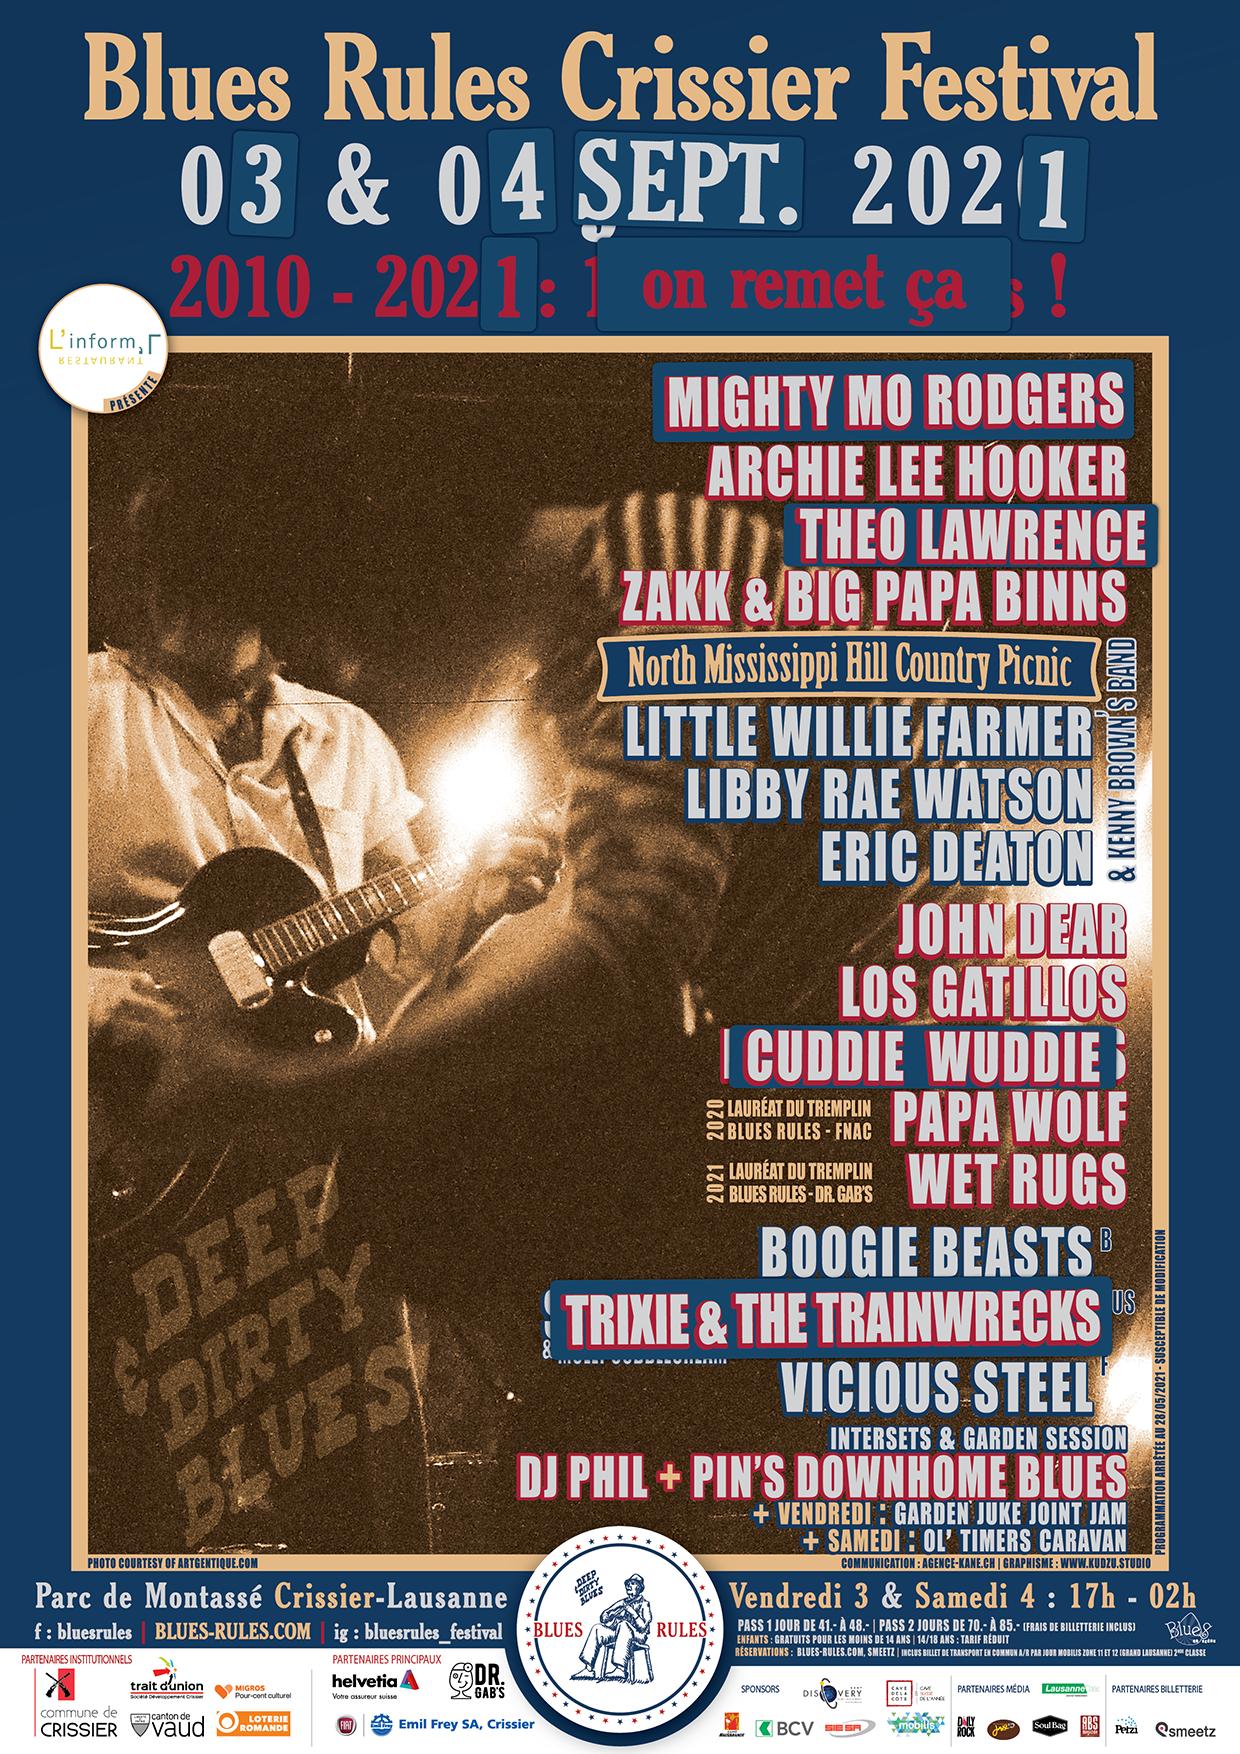 billetterie 2021 Affiche Blues Rules Crissier Festival